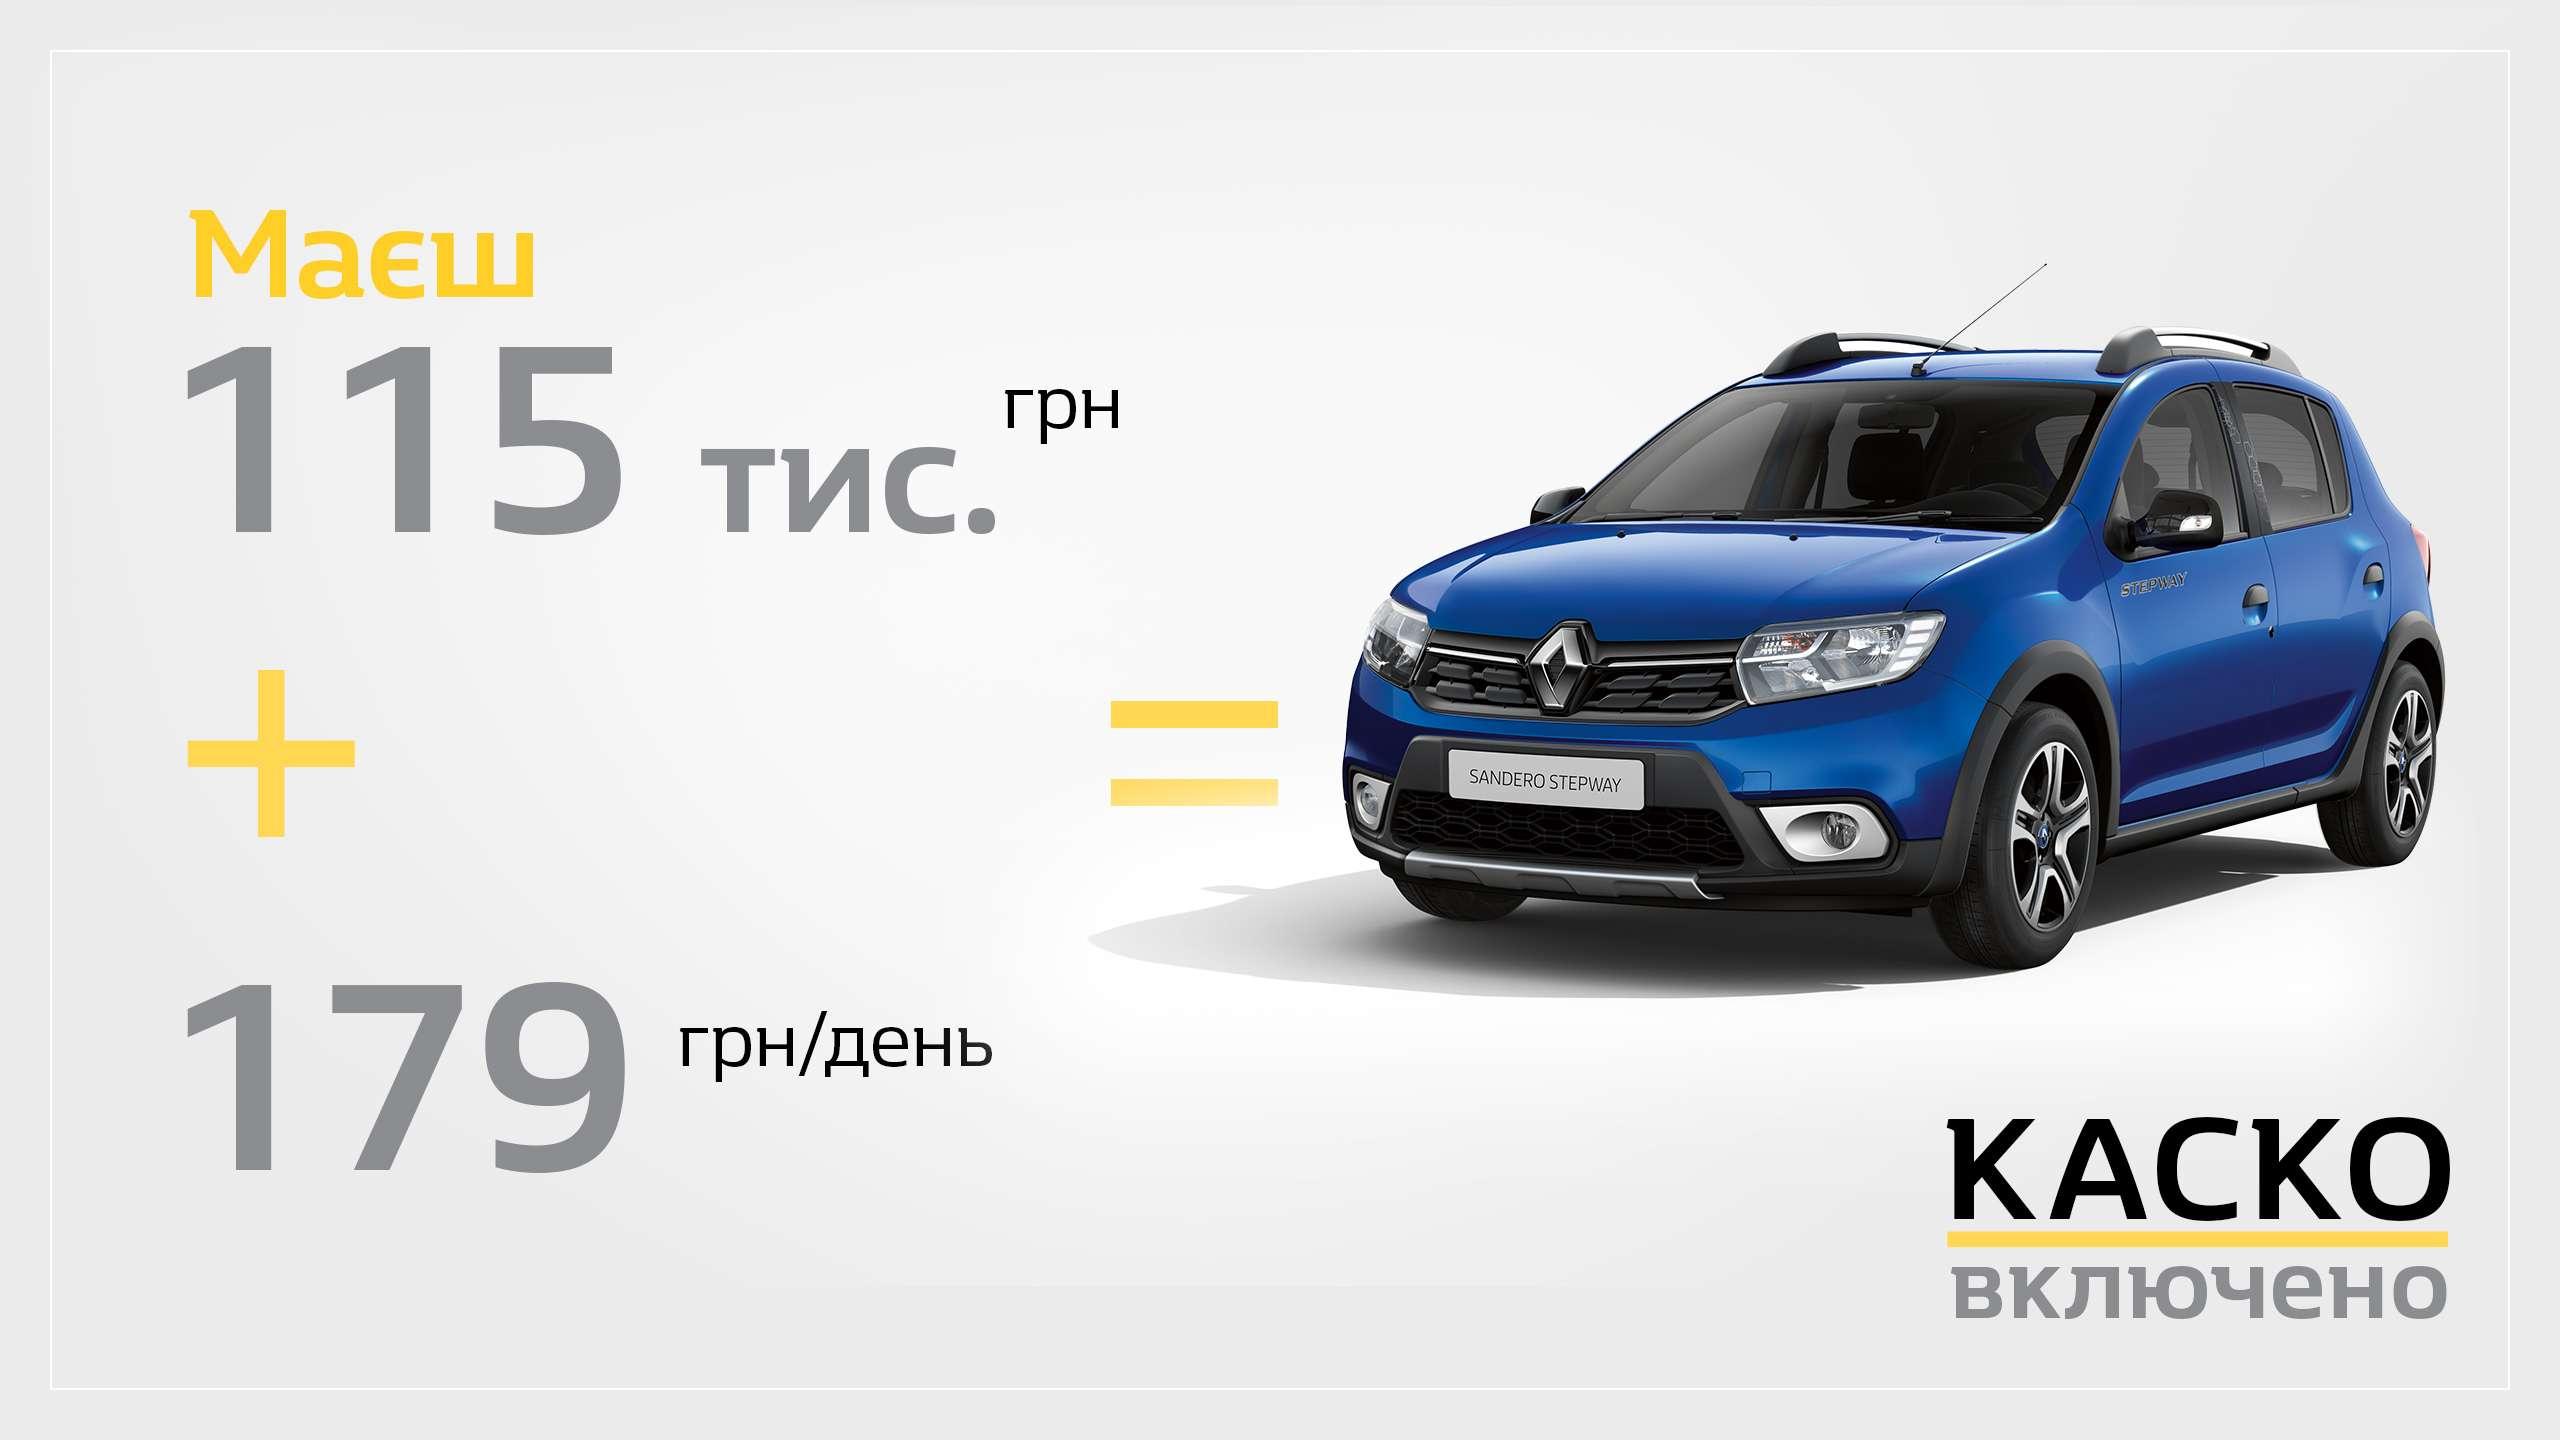 Скористайтеся програмою «Renault Бонус» - отримайте знижку 30 000 грн!